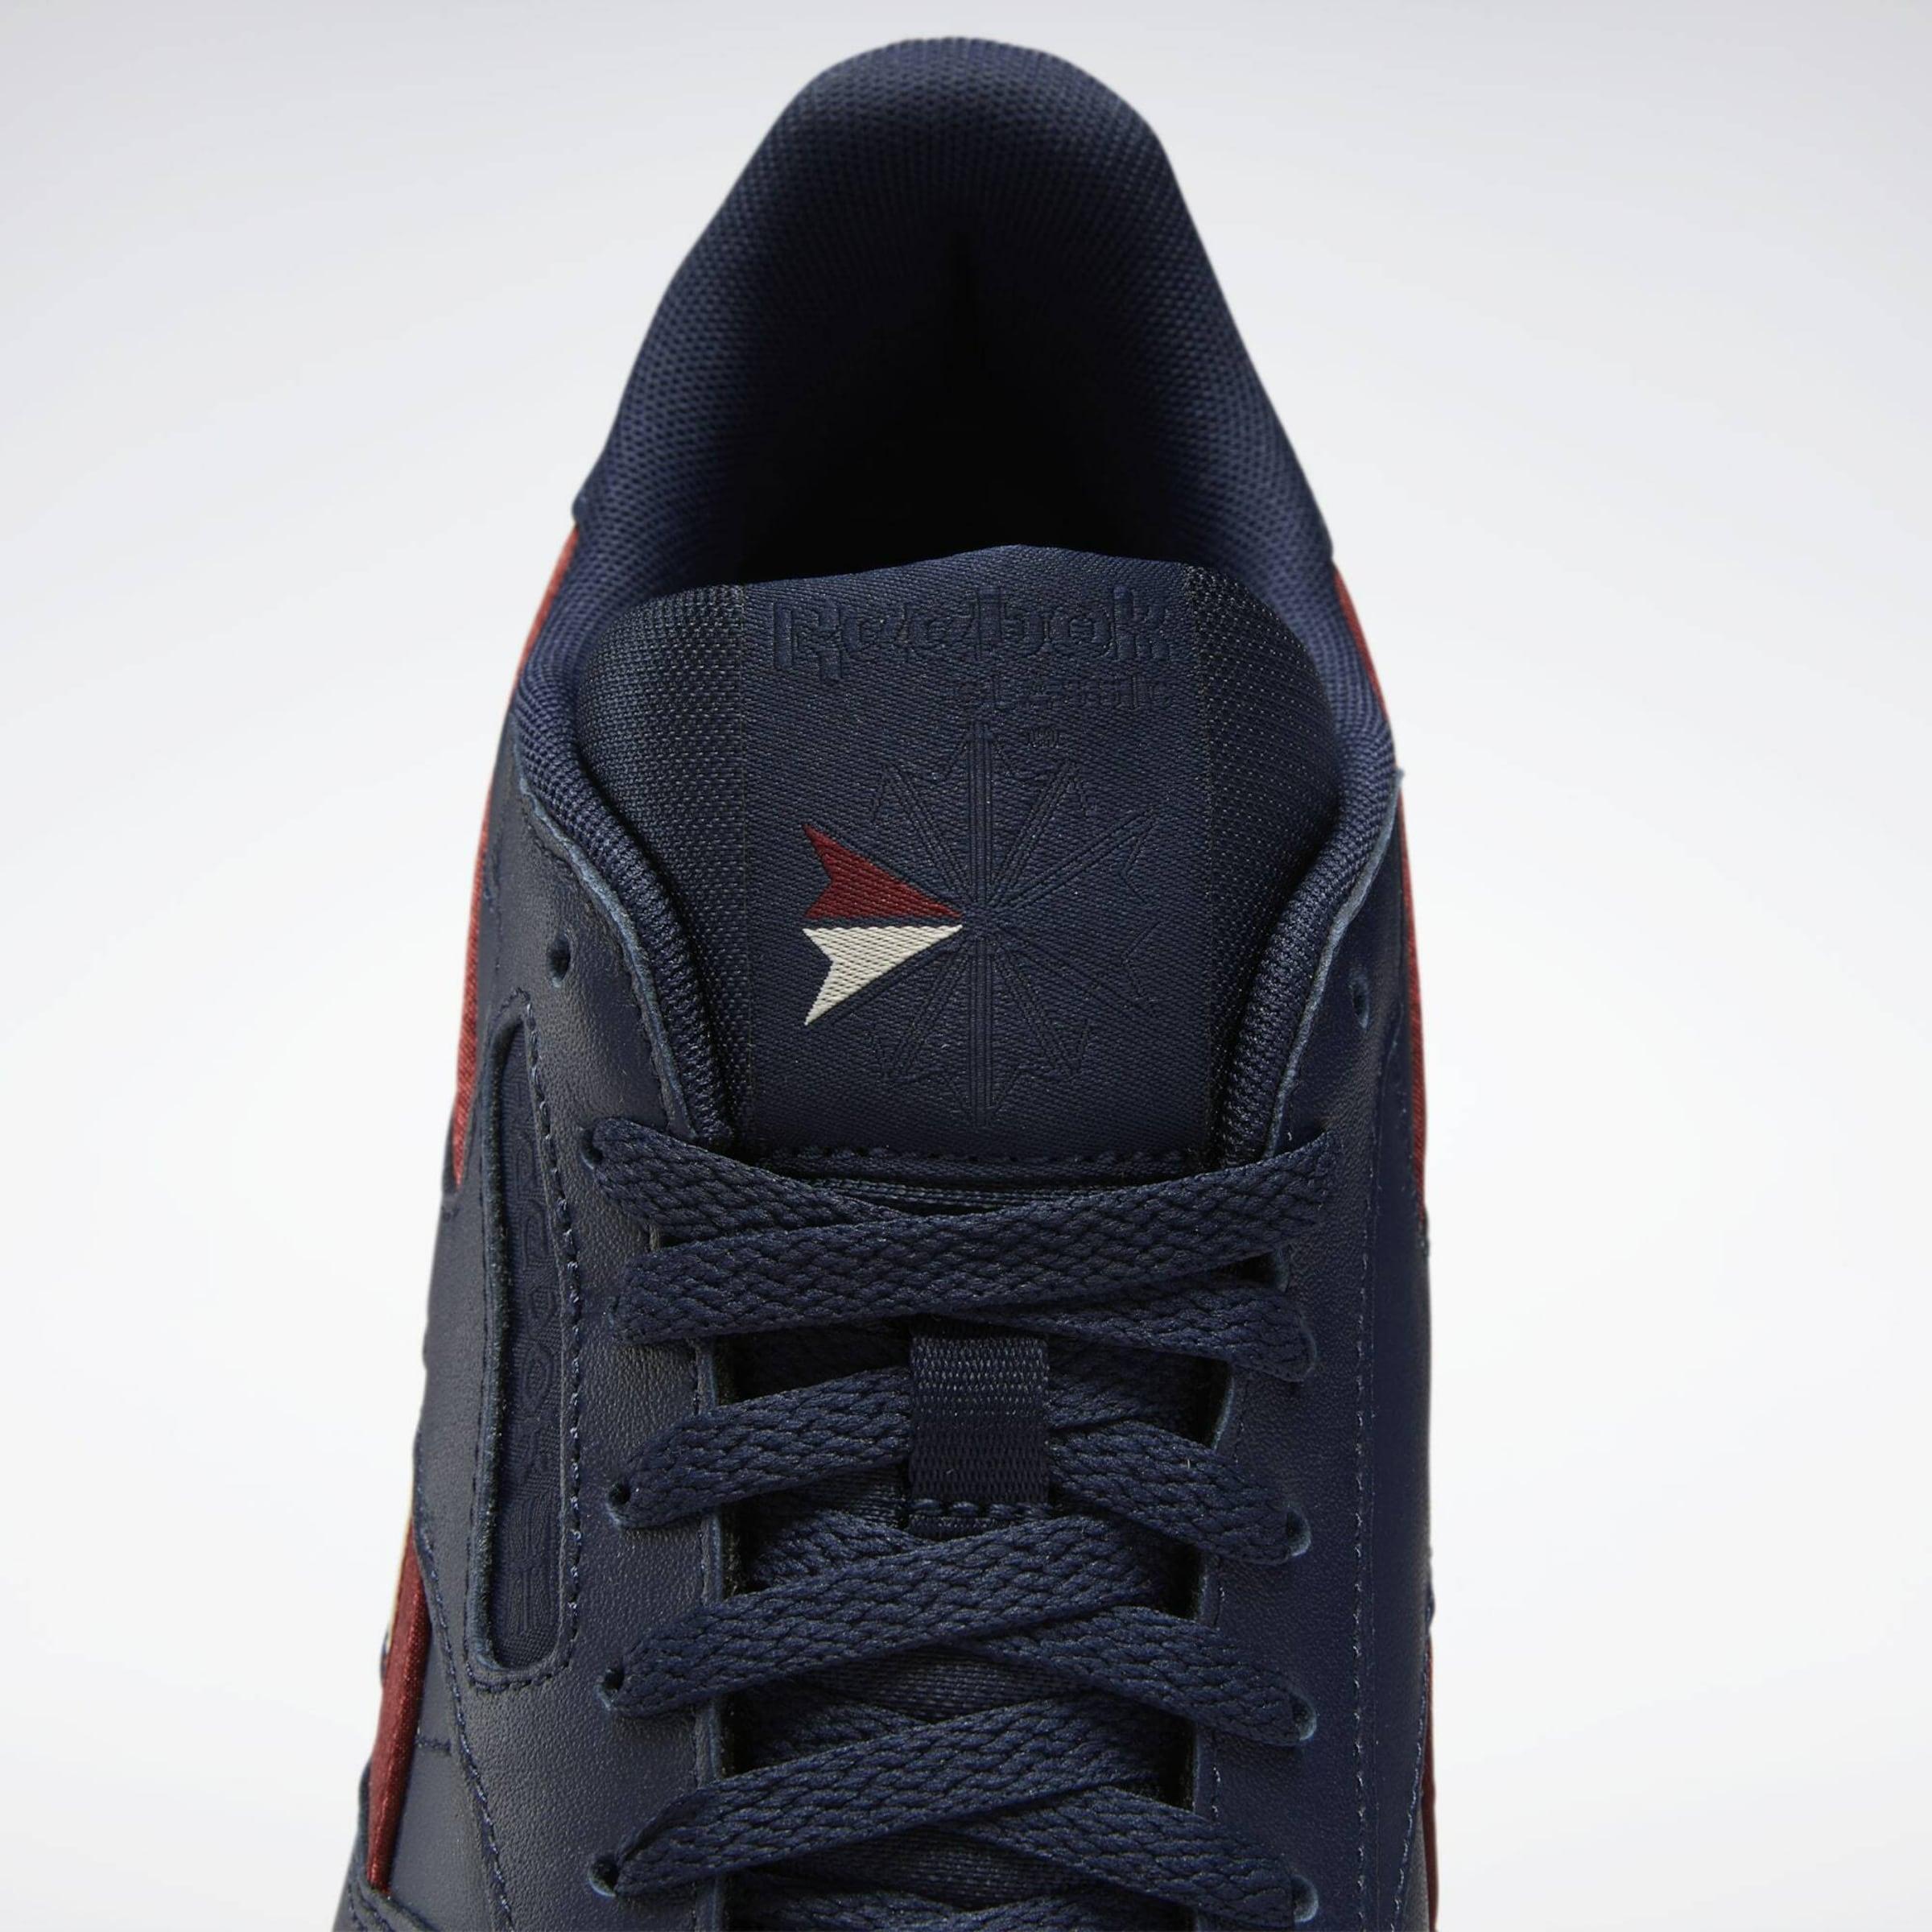 Reebok Classic Sneakers laag in Donkerblauw / Rood / Wit Leer FV6365-600